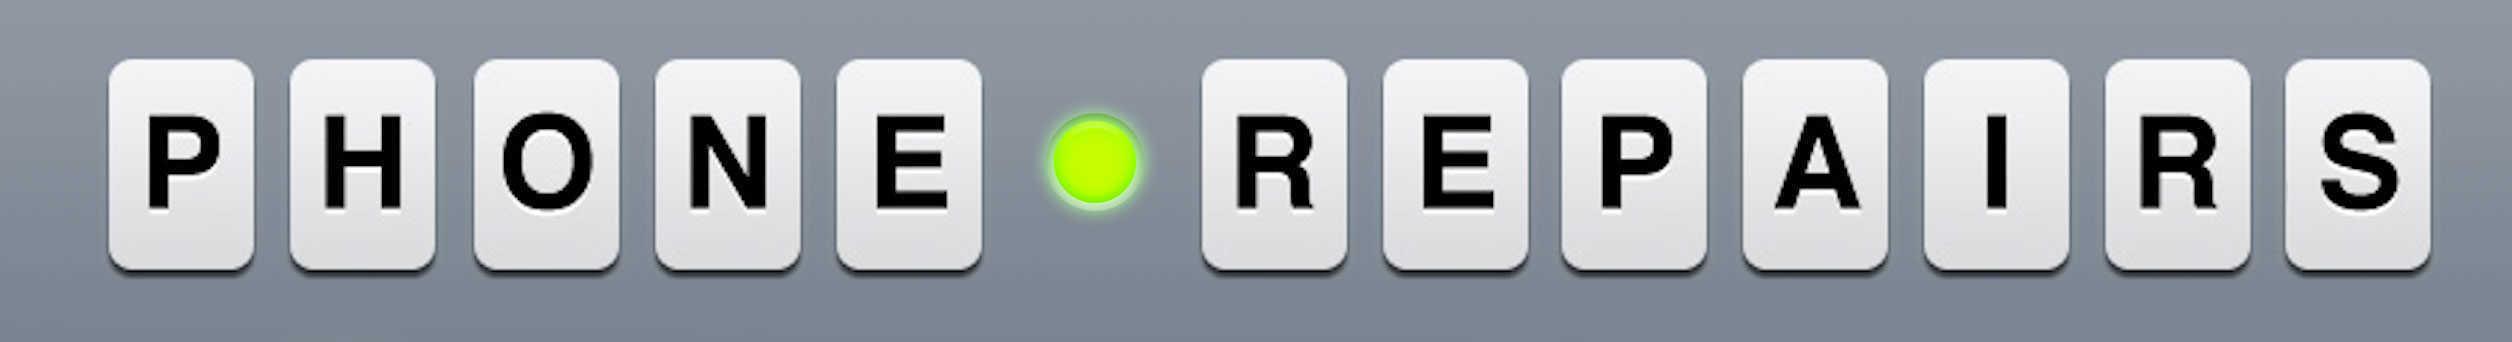 Phone Repairs iPhone reparatie Den Bosch, de goedkoopste uit de regio, iPhone reparatie Den Bosch,Samsung reparatie Den Bosch, OnePlus reparatie Den Bosch,Honor reparatie Den Bosch, Nexus reparatie,LG reparatie Den Bosch,Nokia reparatie Den Bosch, Huawei reparatie Den Bosch, Sony Xperia reparatie Den Bosch,Lenovo reparatie,Xiaomi reparatie,Moto reparatie,Wiko reparatie,Microsoft reparatie,Meizu reparatie,Umi reparatie, Elephone reparatie, Oppo reparatie